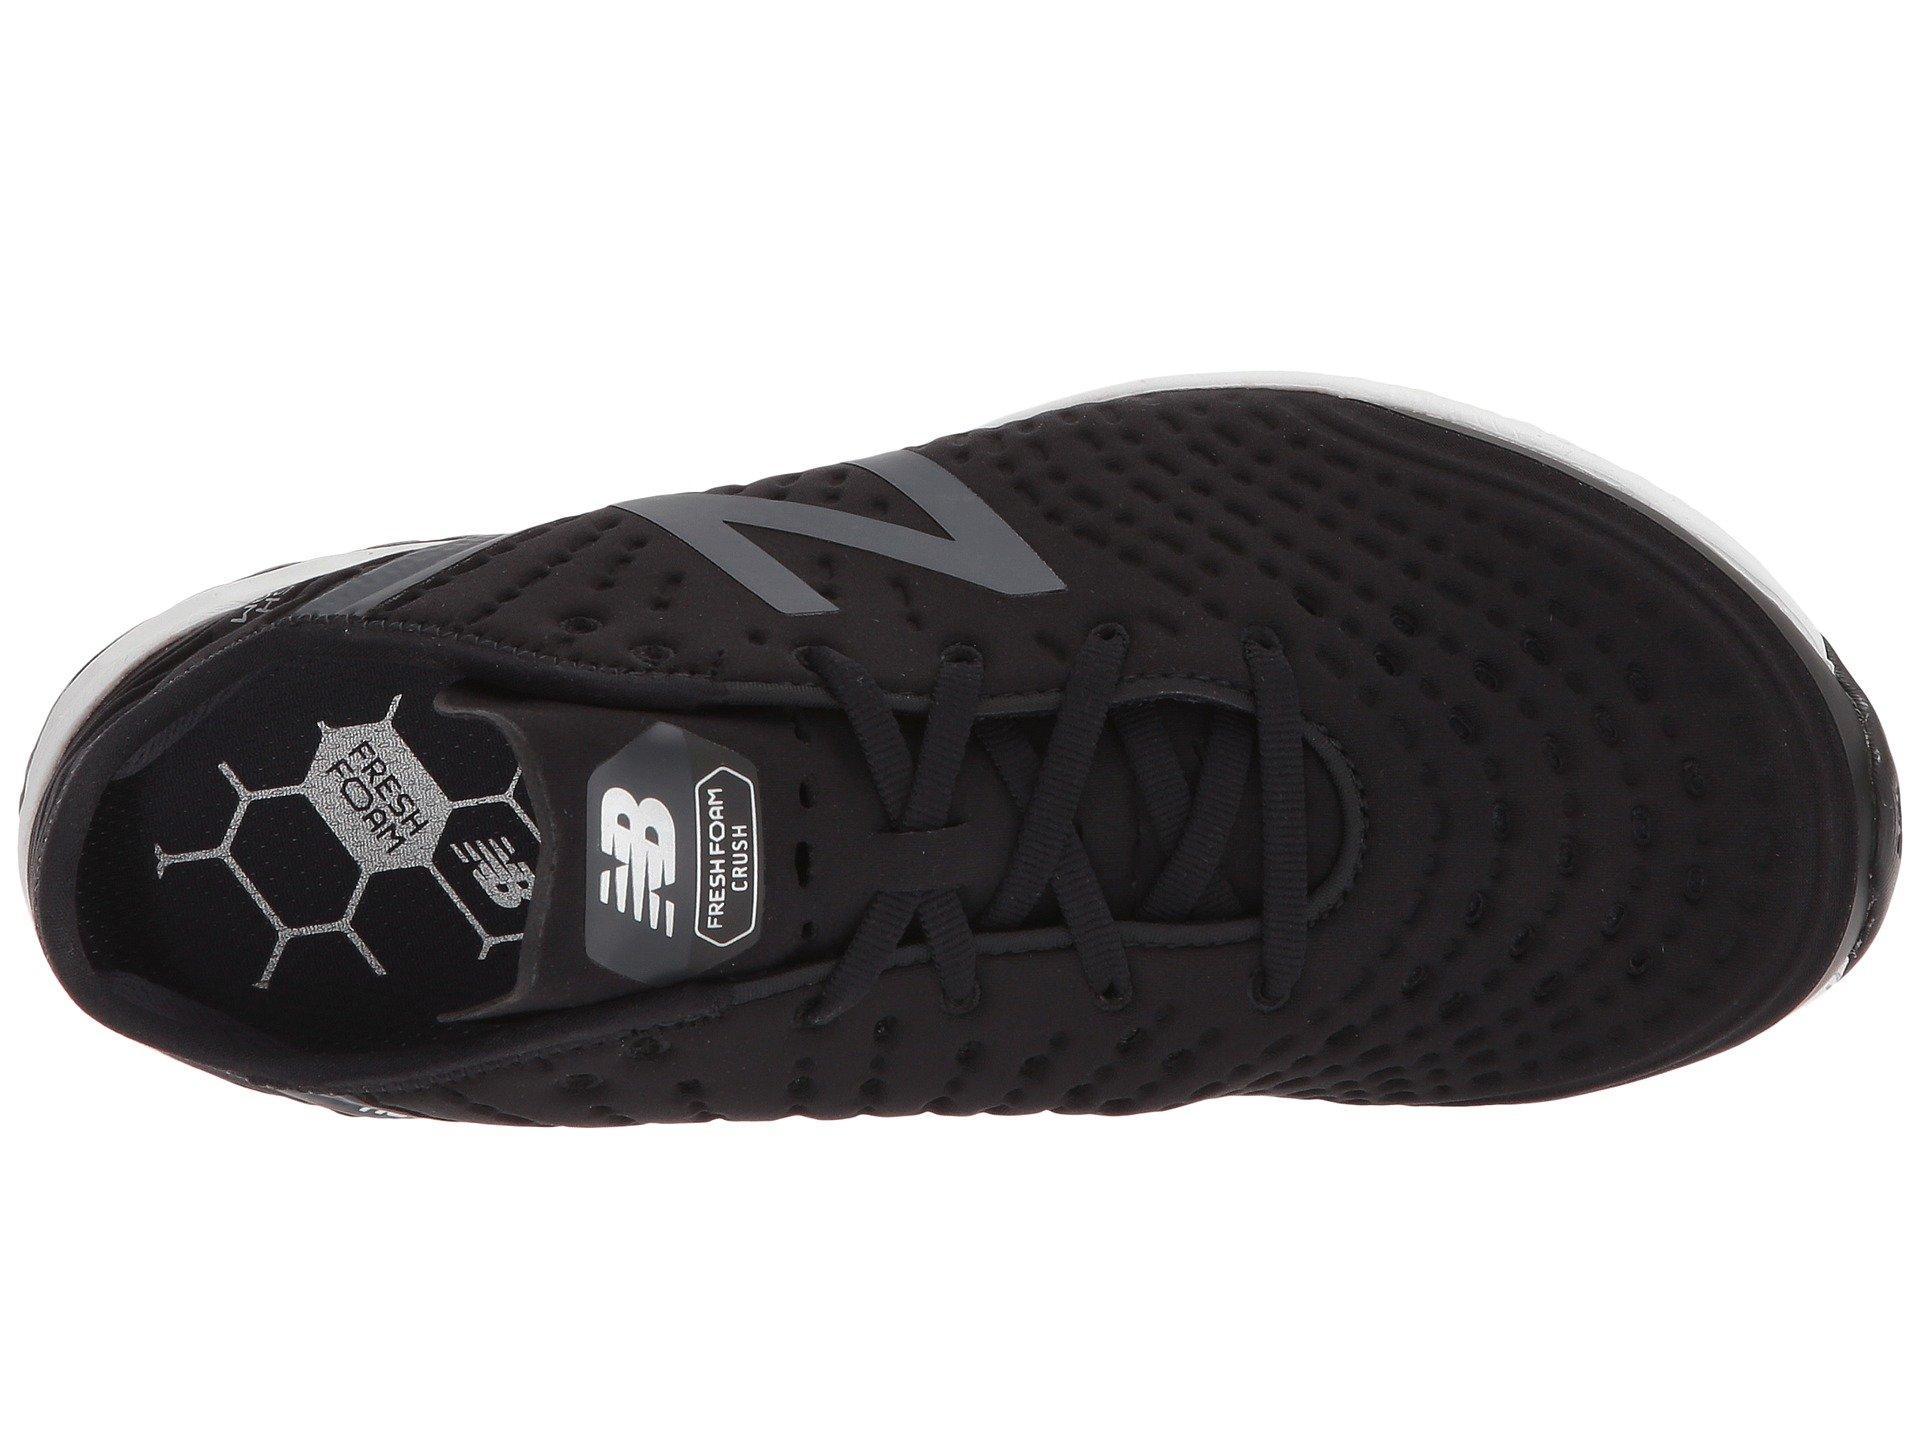 f44744d25560f New Balance - Black Fresh Foam Crush Trainer - Lyst. View fullscreen